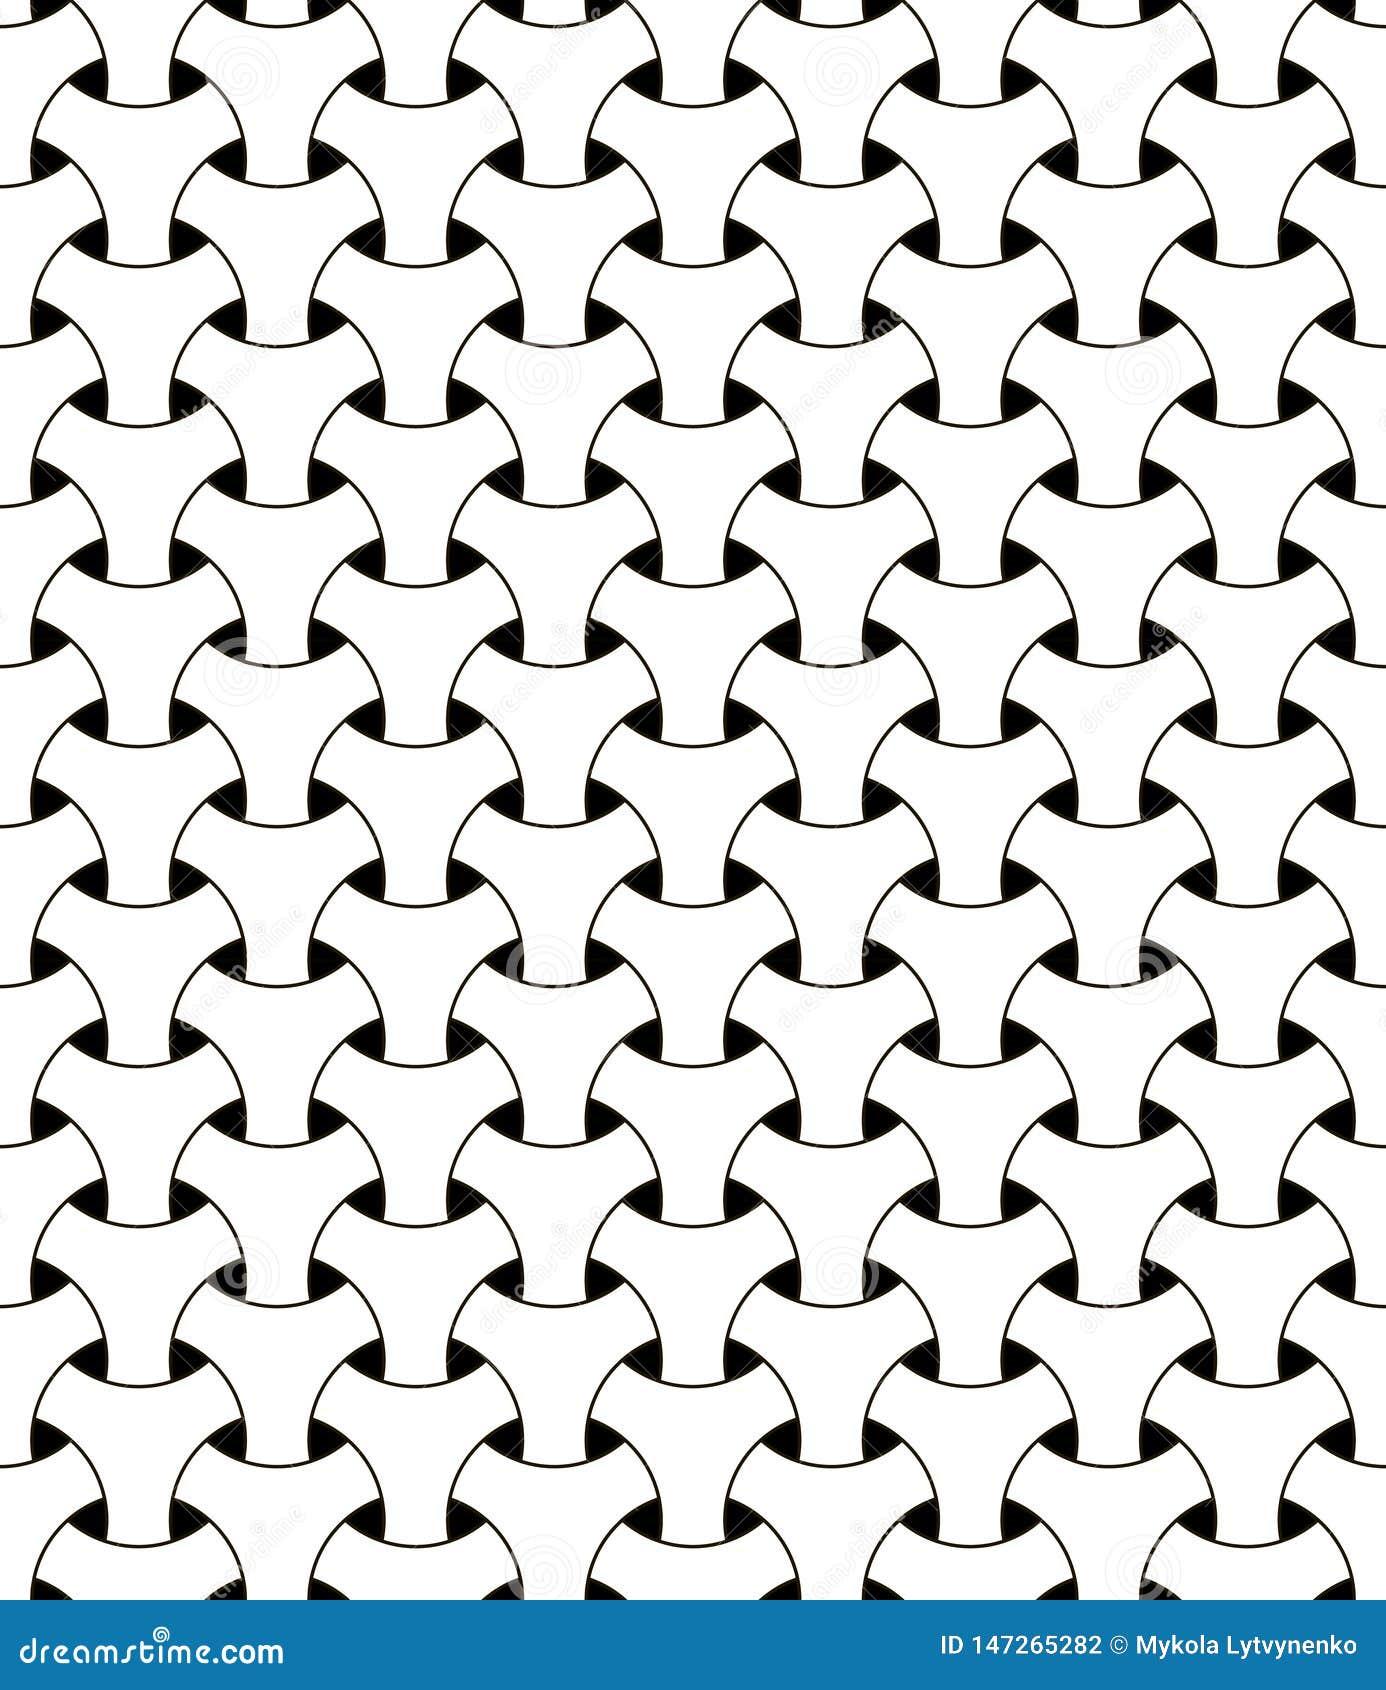 Malla triangular de la malla del modelo de la ilusión geométrica inconsútil del vector que pesca círculos blancos y negros con ef